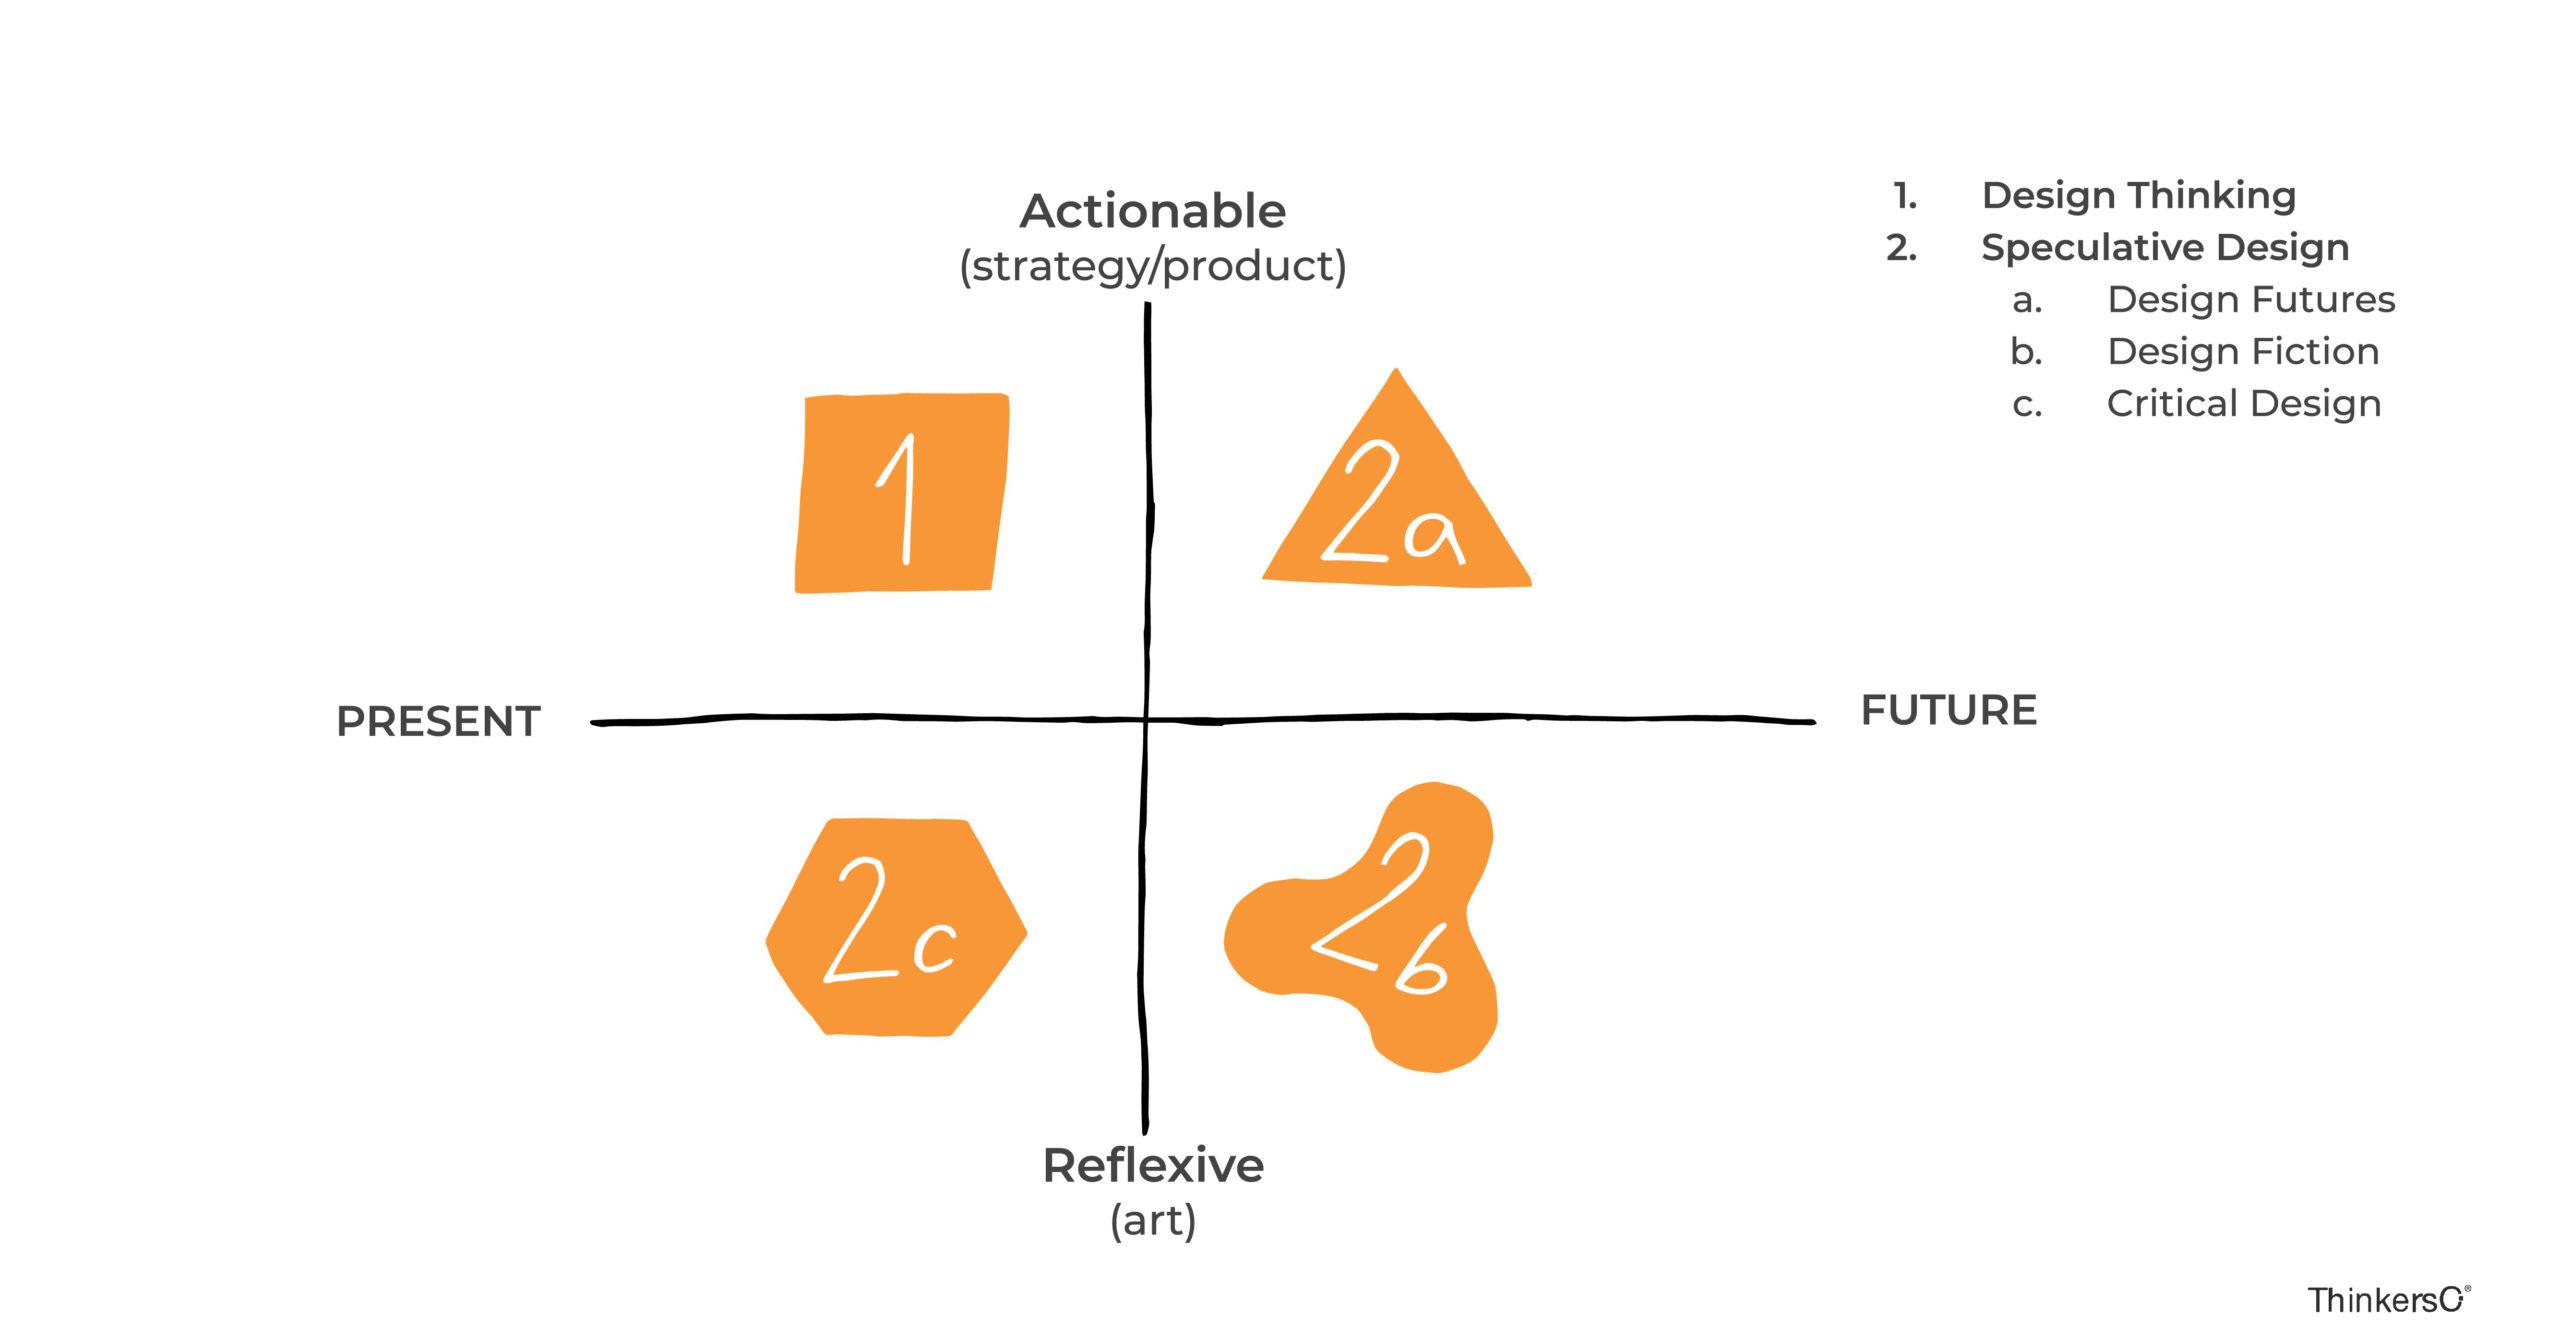 Gráfico con las disciplinas de diseño, y los dos grandes bloques de Design Thinking y Speculative design